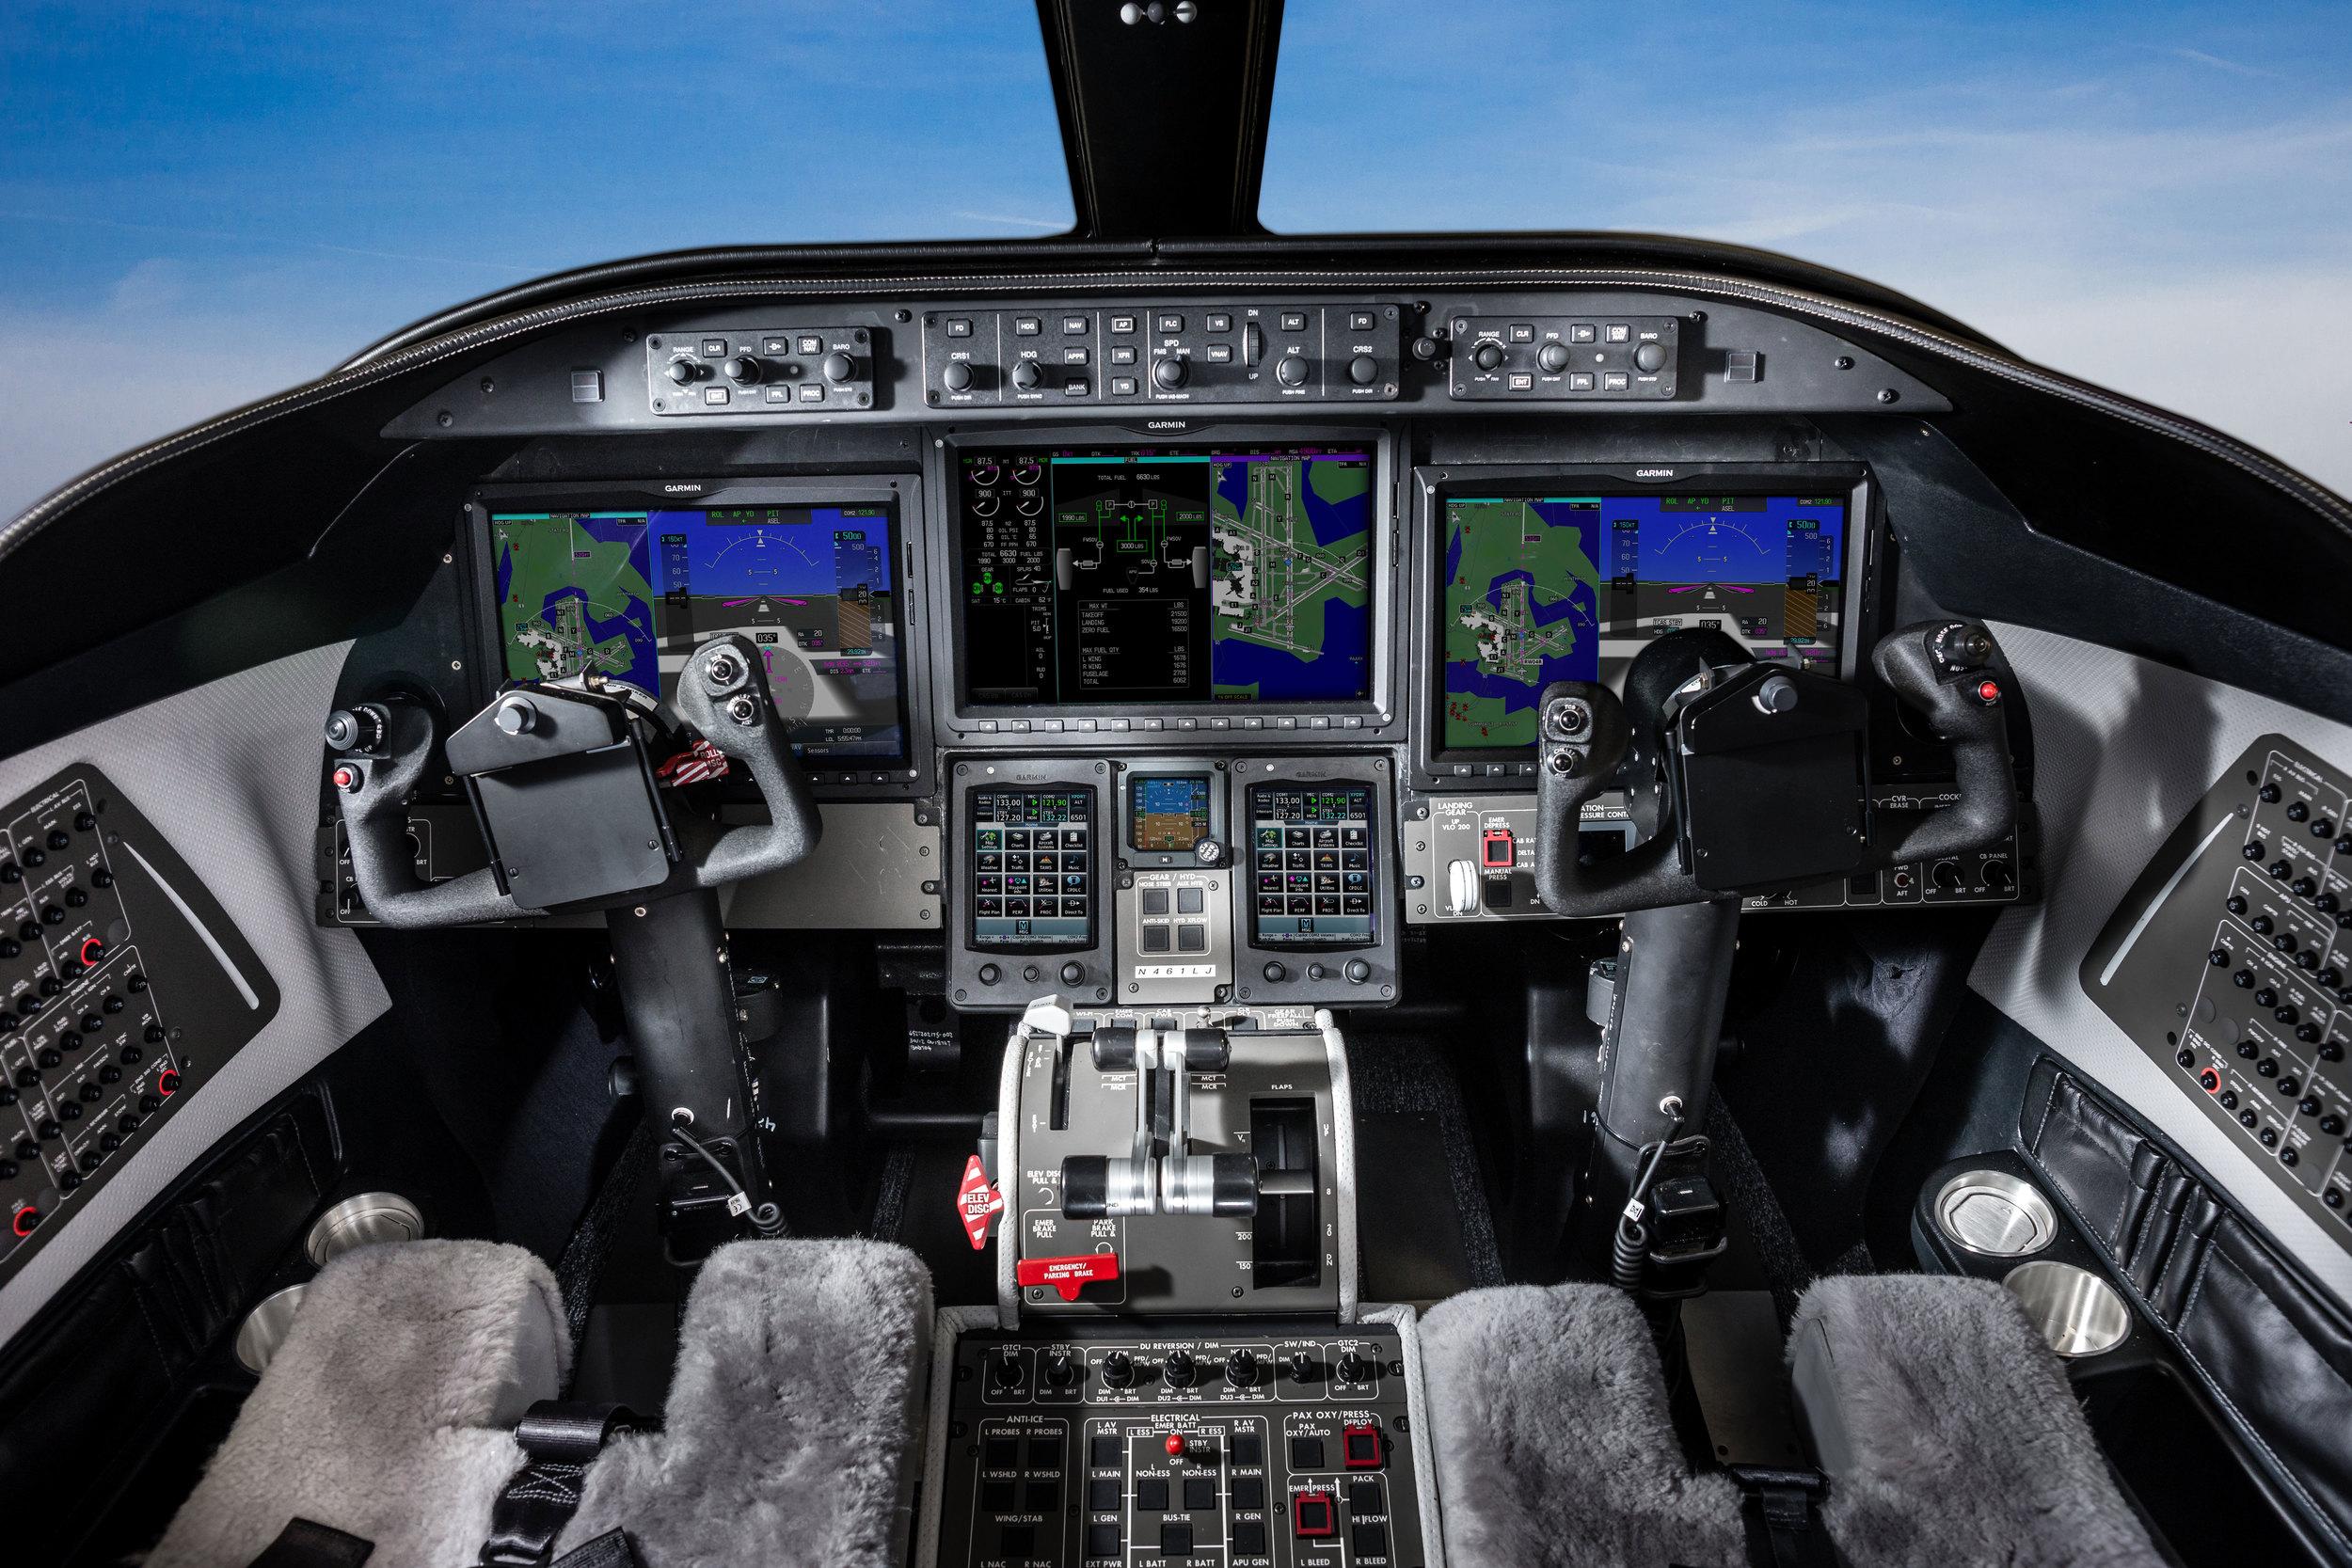 LJ-Cockpit2-Brett-Smith.jpg